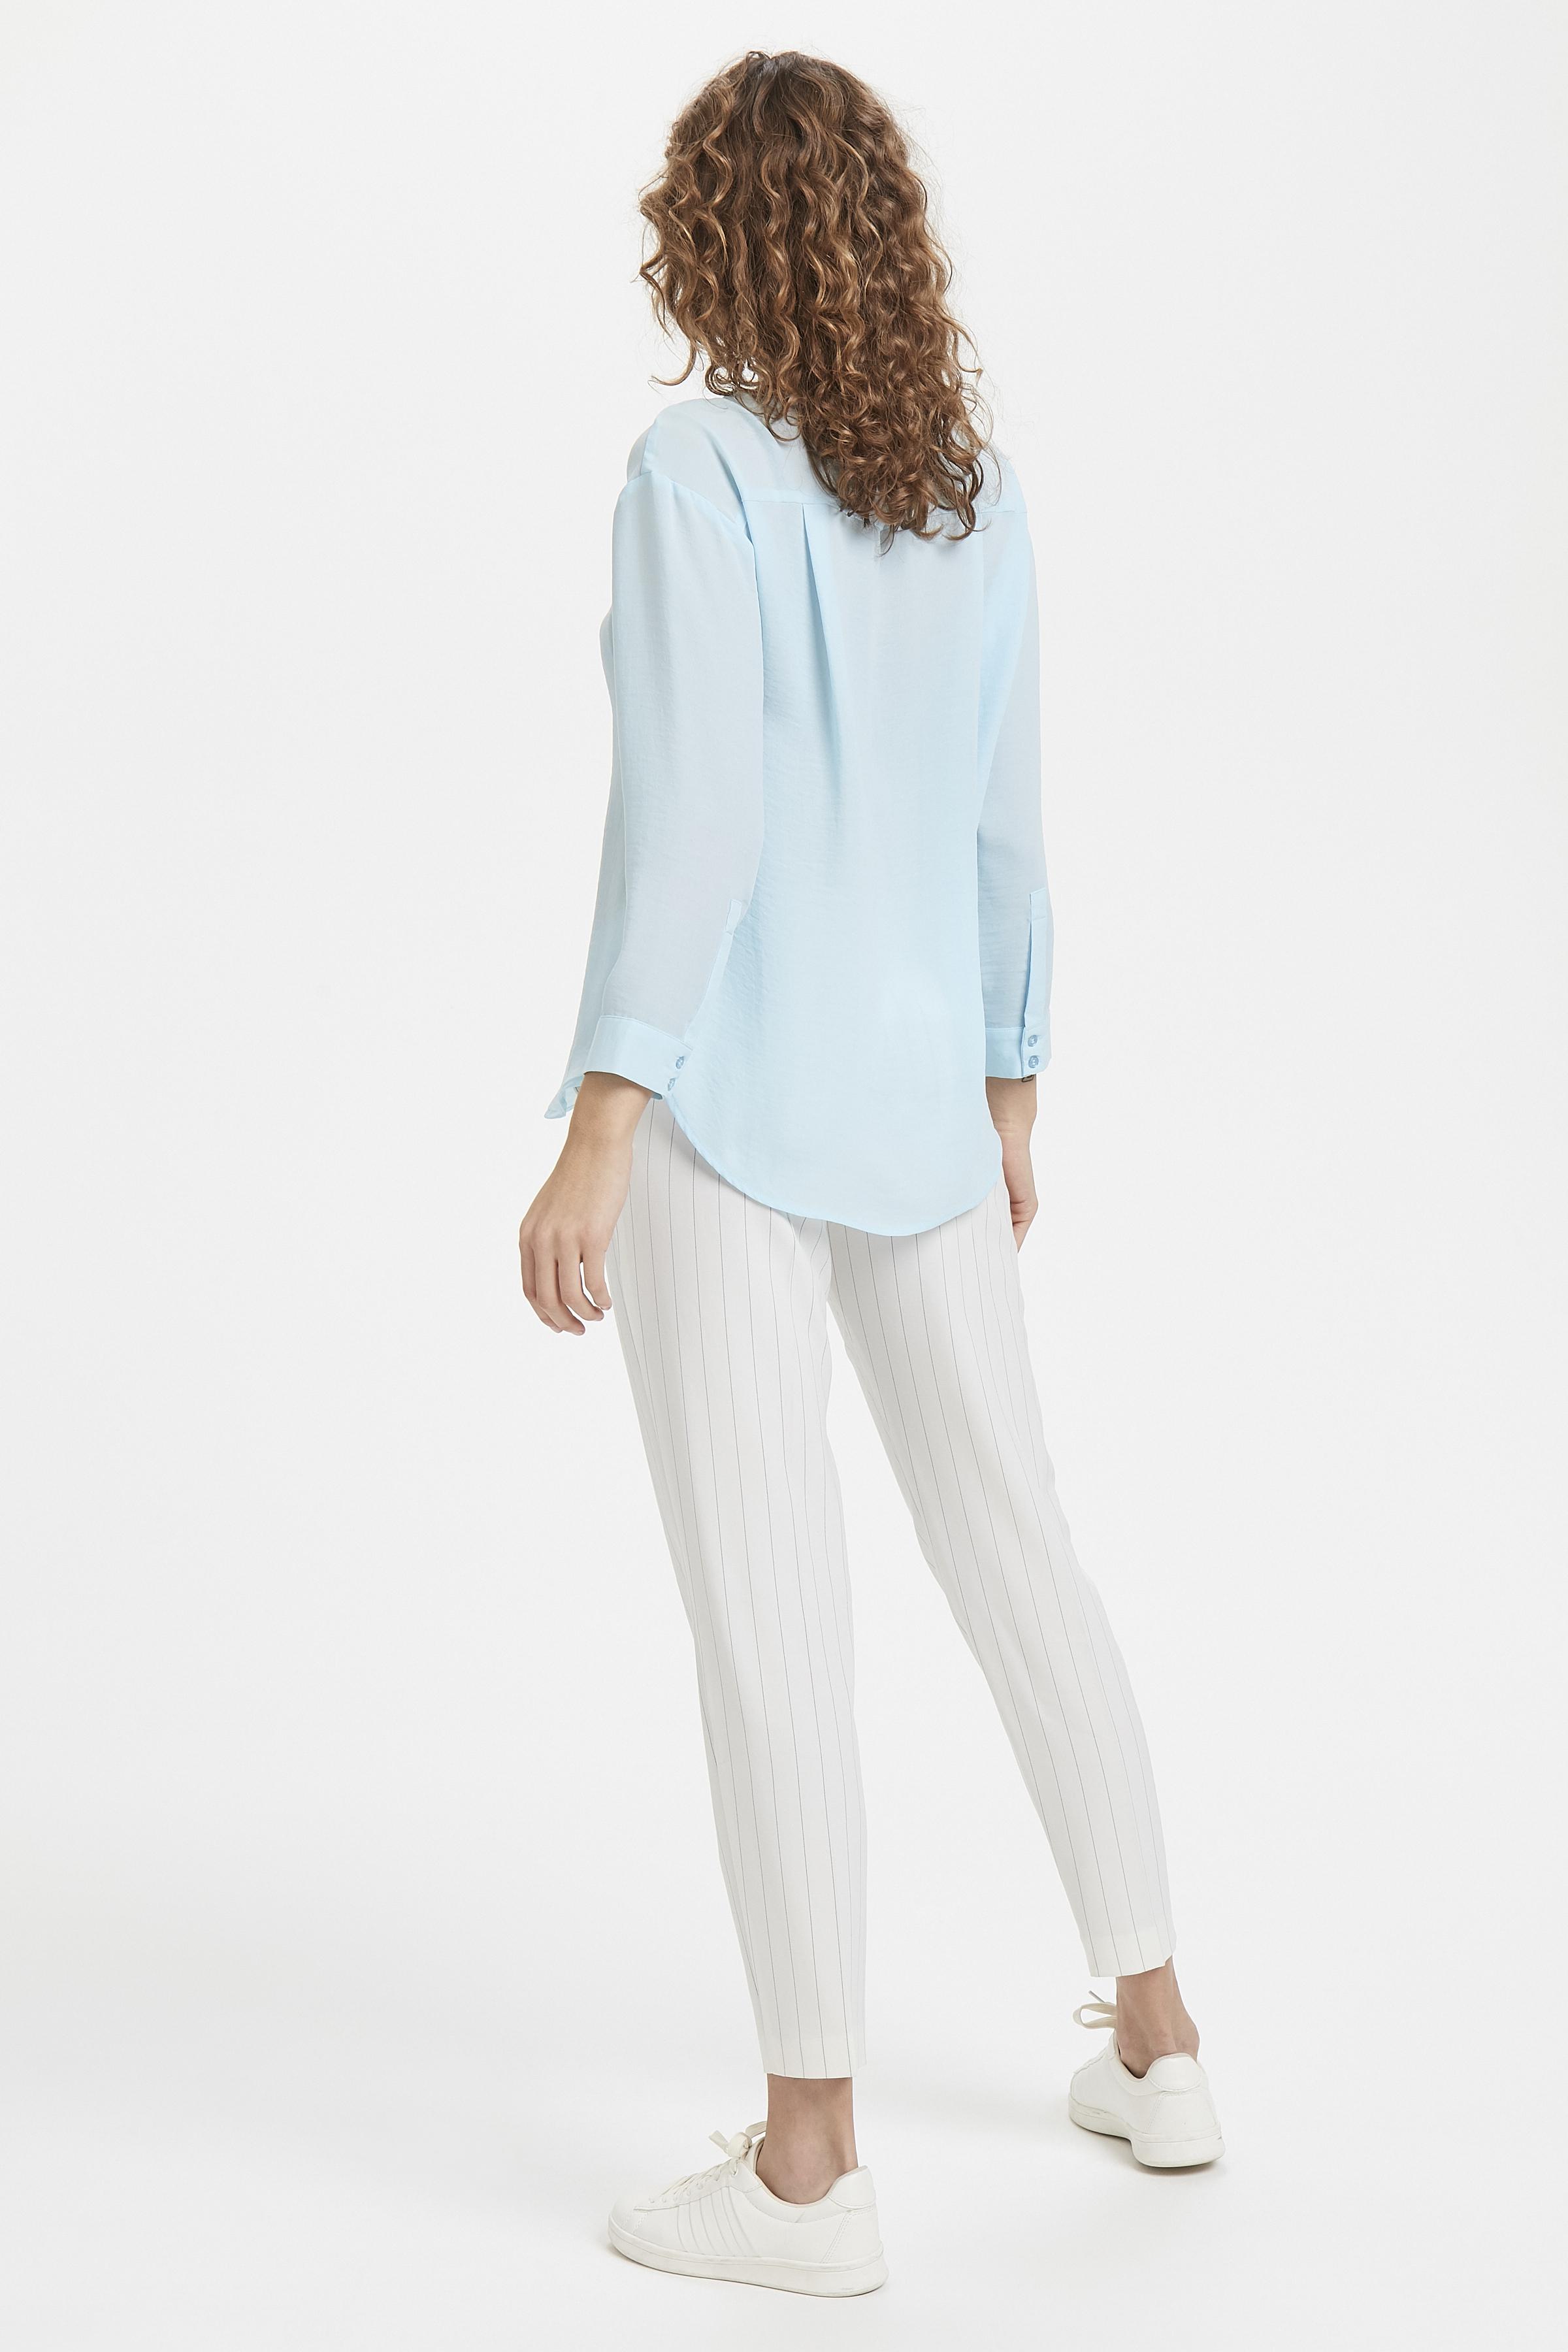 Corydalis Blue Langærmet skjorte – Køb Corydalis Blue Langærmet skjorte fra str. 34-42 her